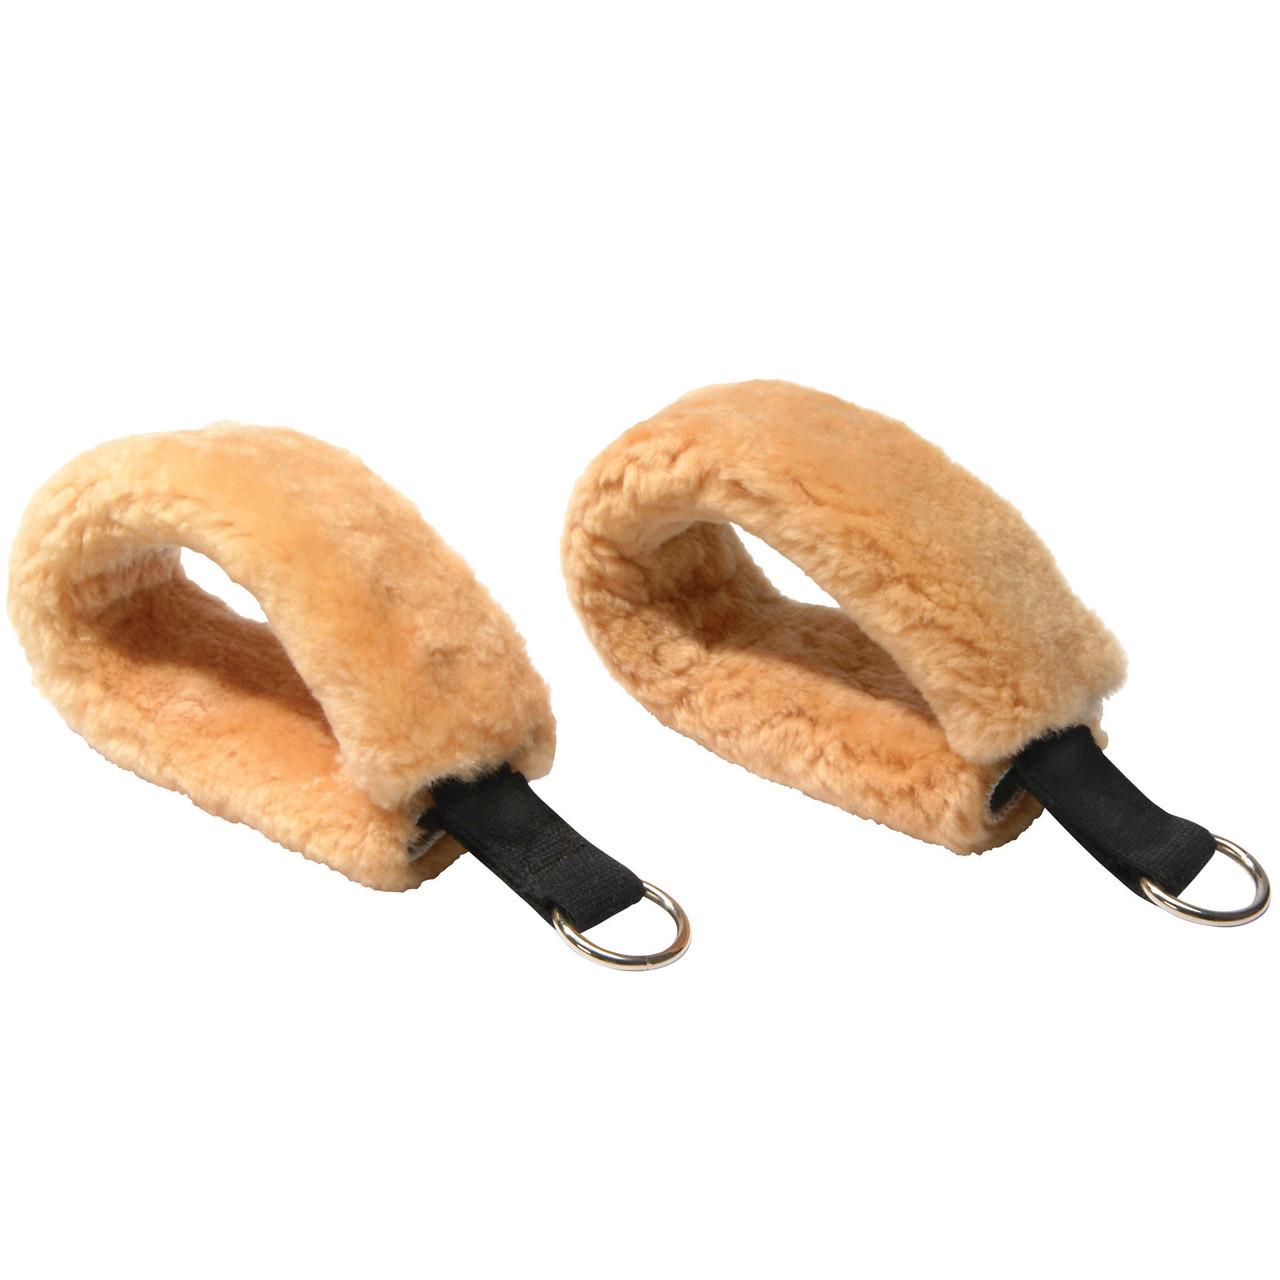 Foot Loops, Sheepskin (pair)